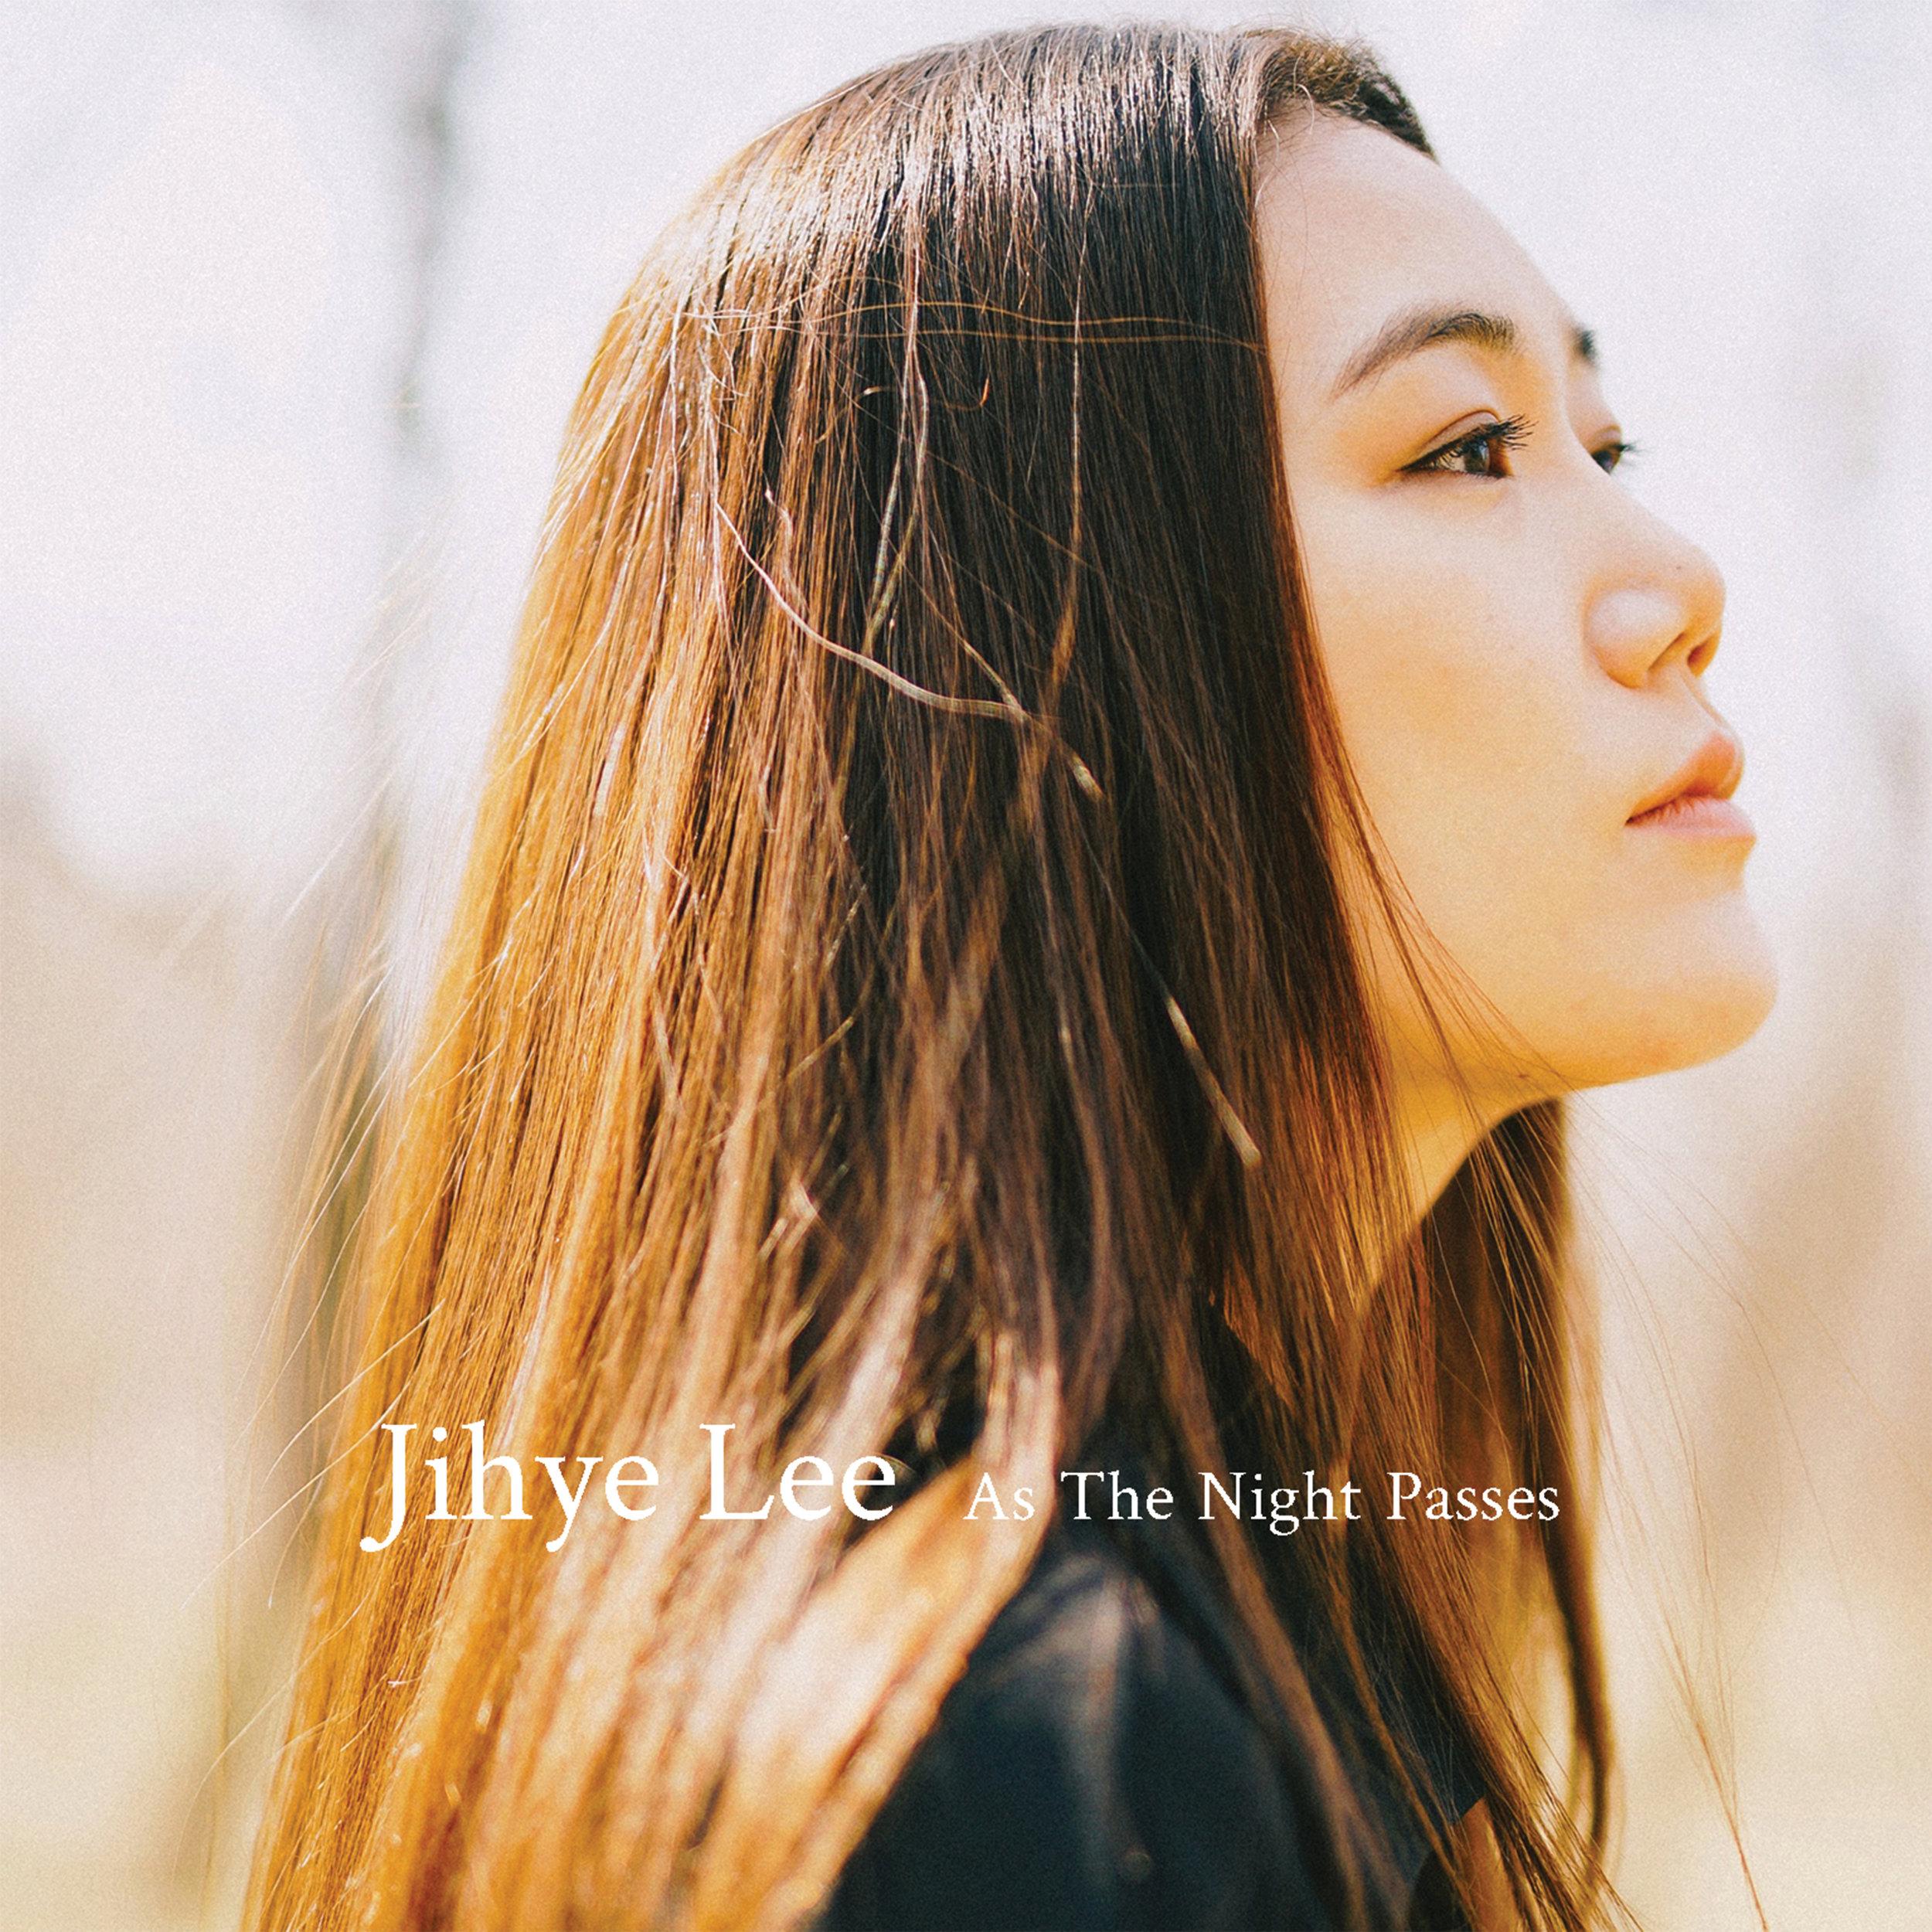 JihyeLee_CD_Cover-.jpg